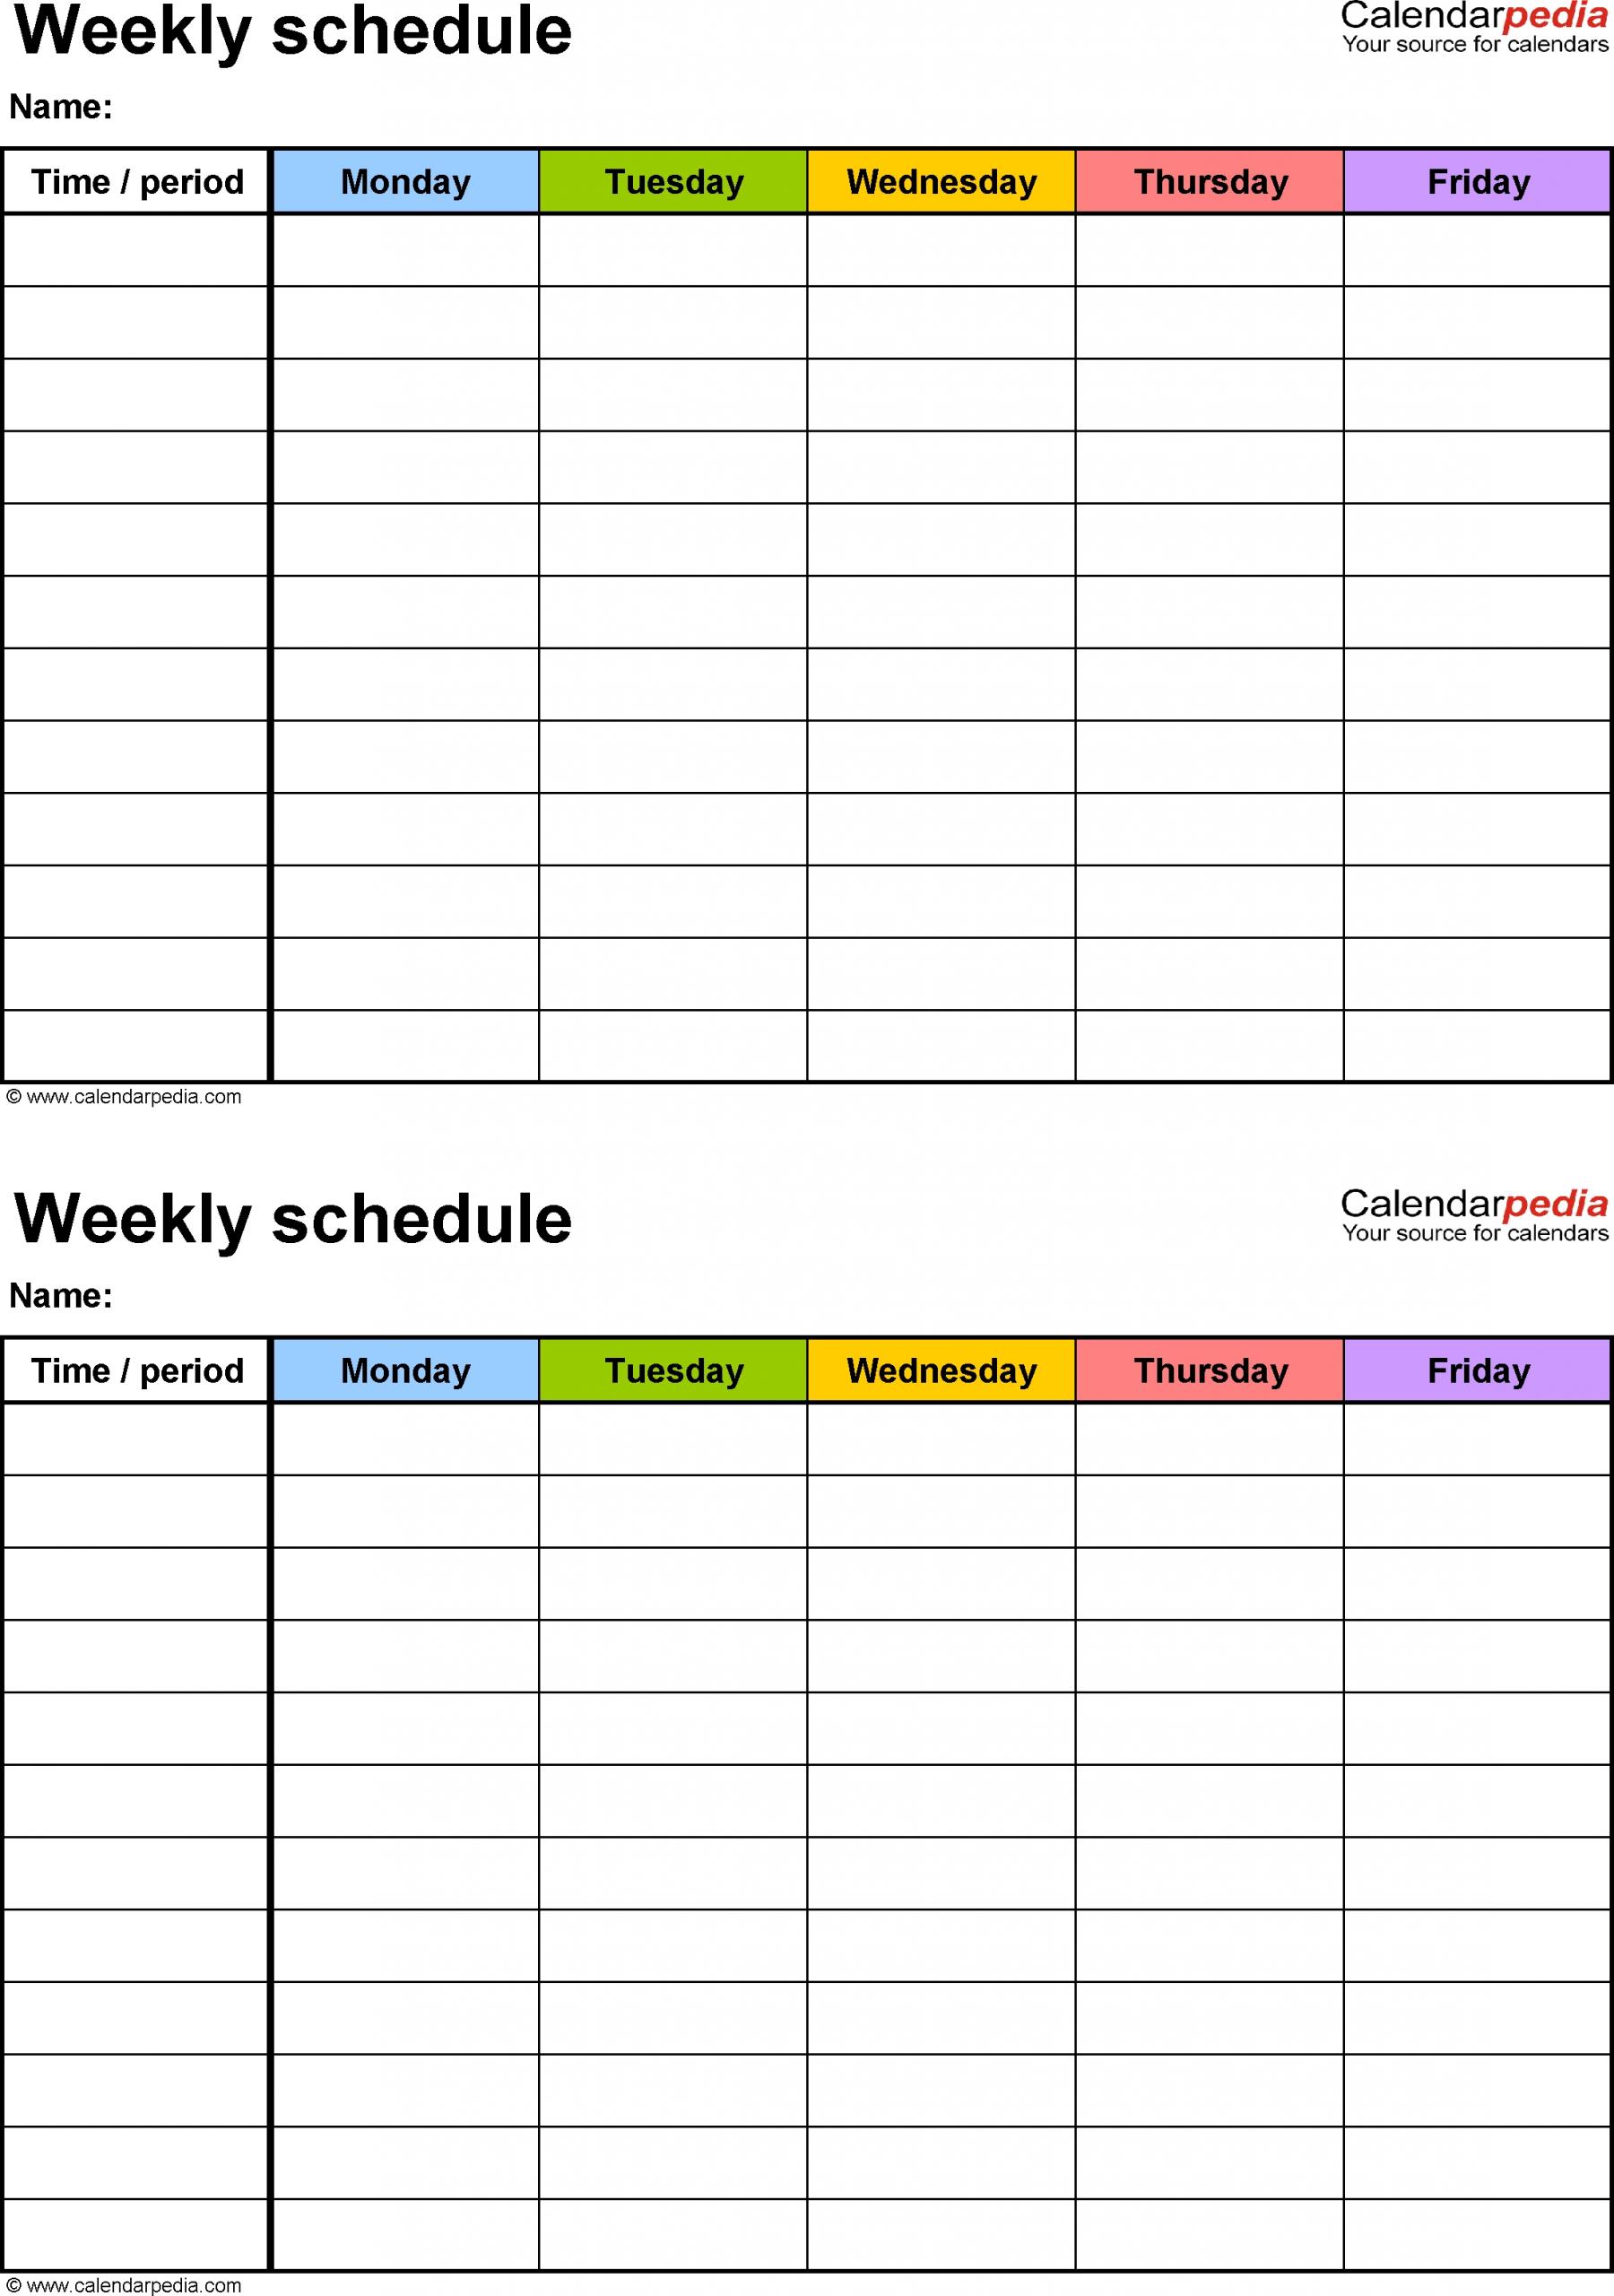 Blank Two Week Schedule Template - Calendar Inspiration Design 2 Week Calendar Blank